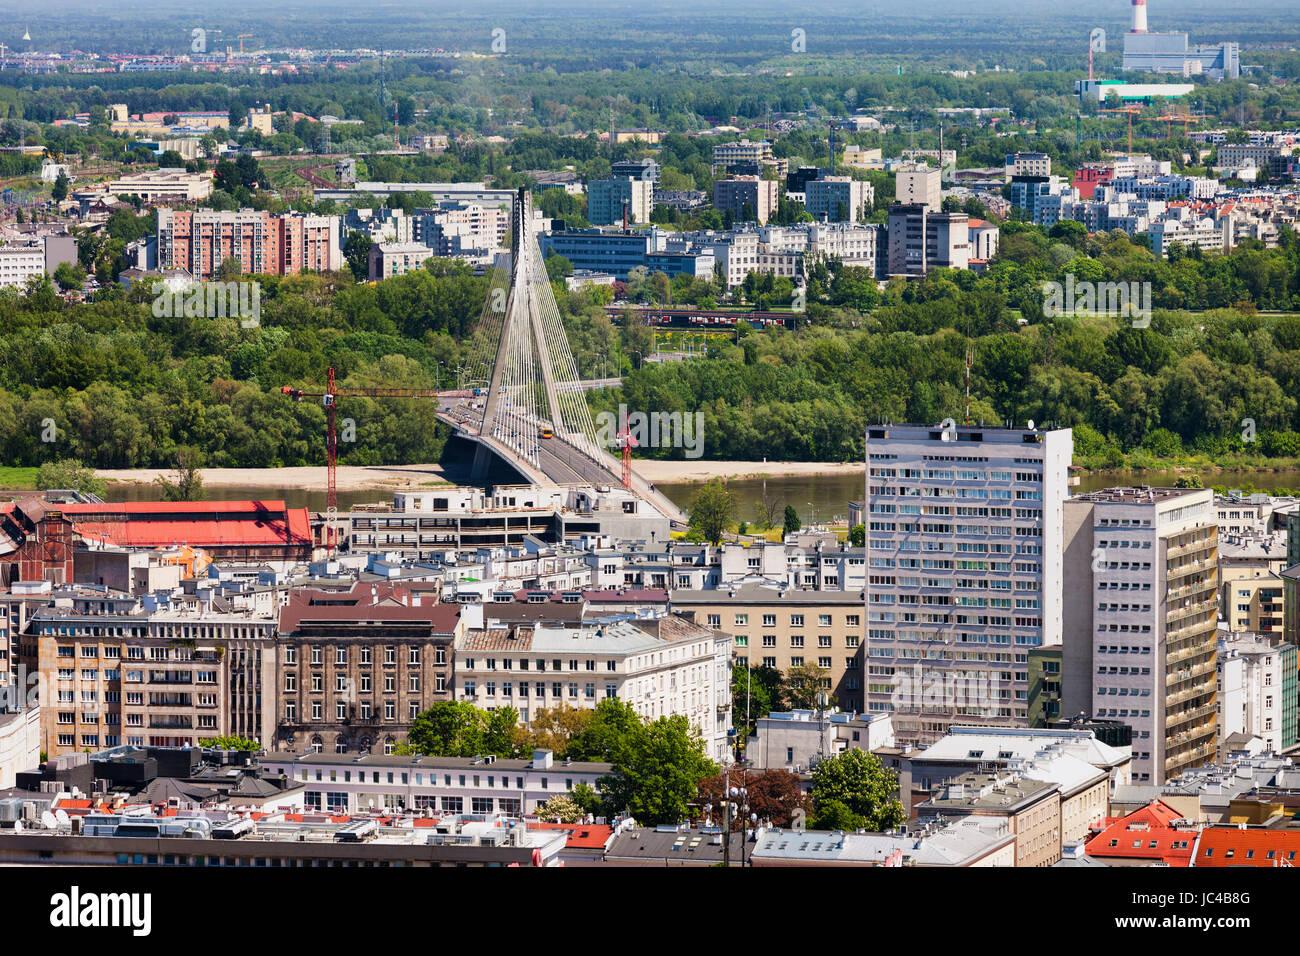 Poland, Warsaw, view over the city from Srodmiescie to Praga district, Vistula River with Swietokrzyski Bridge - Stock Image